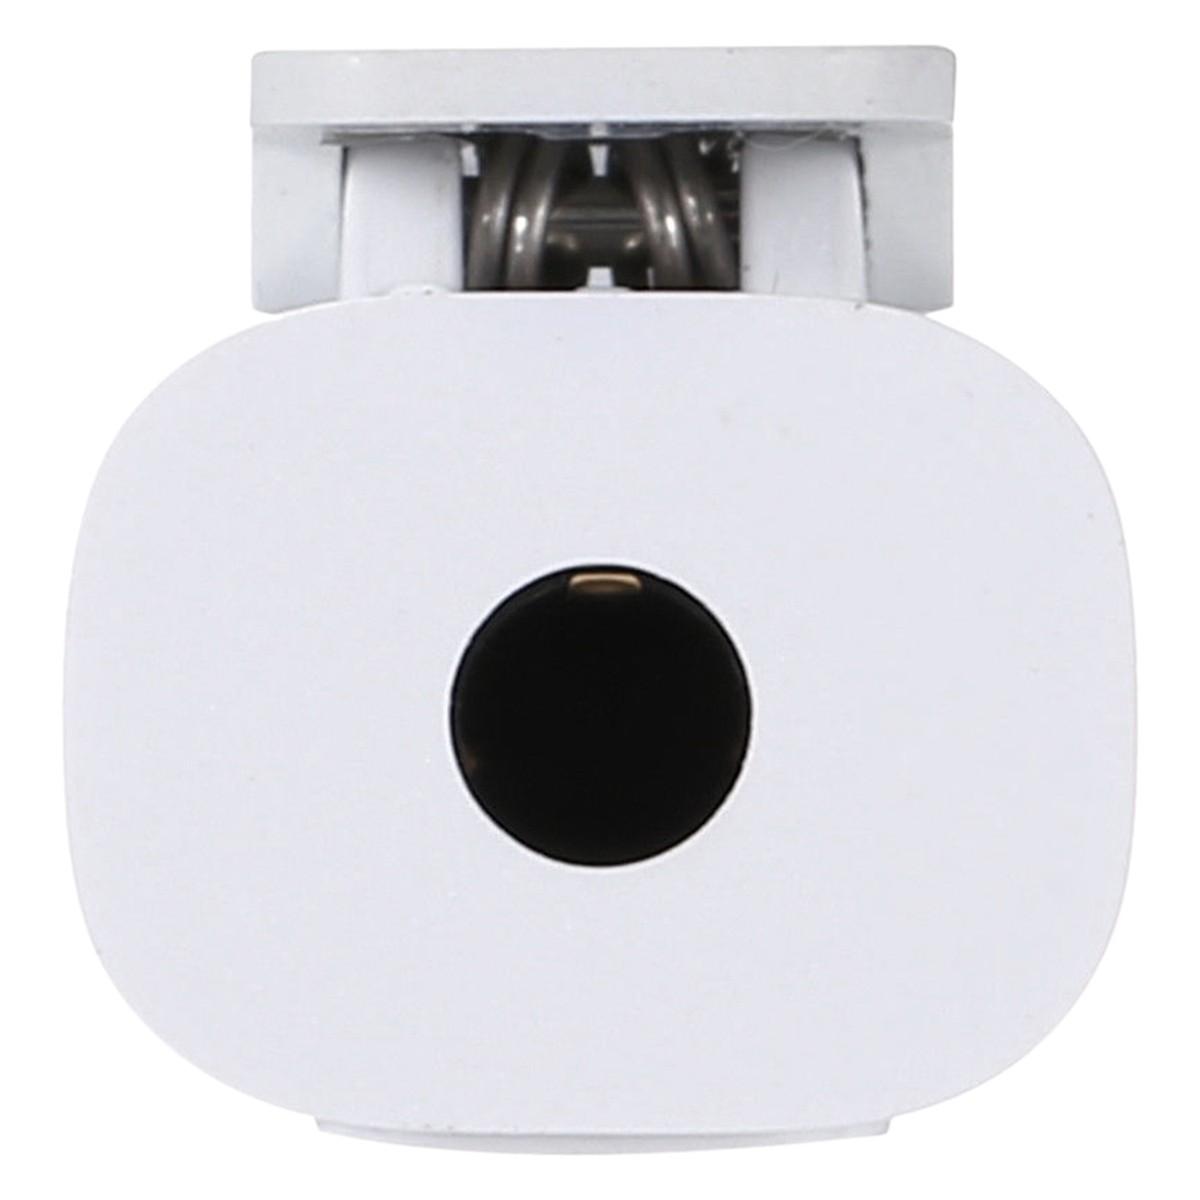 Bộ Chuyển Tín Hiệu Không Dây Xiaomi Mi Bluetooth Audio Receiver (Trắng) - Hàng Chính Hãng